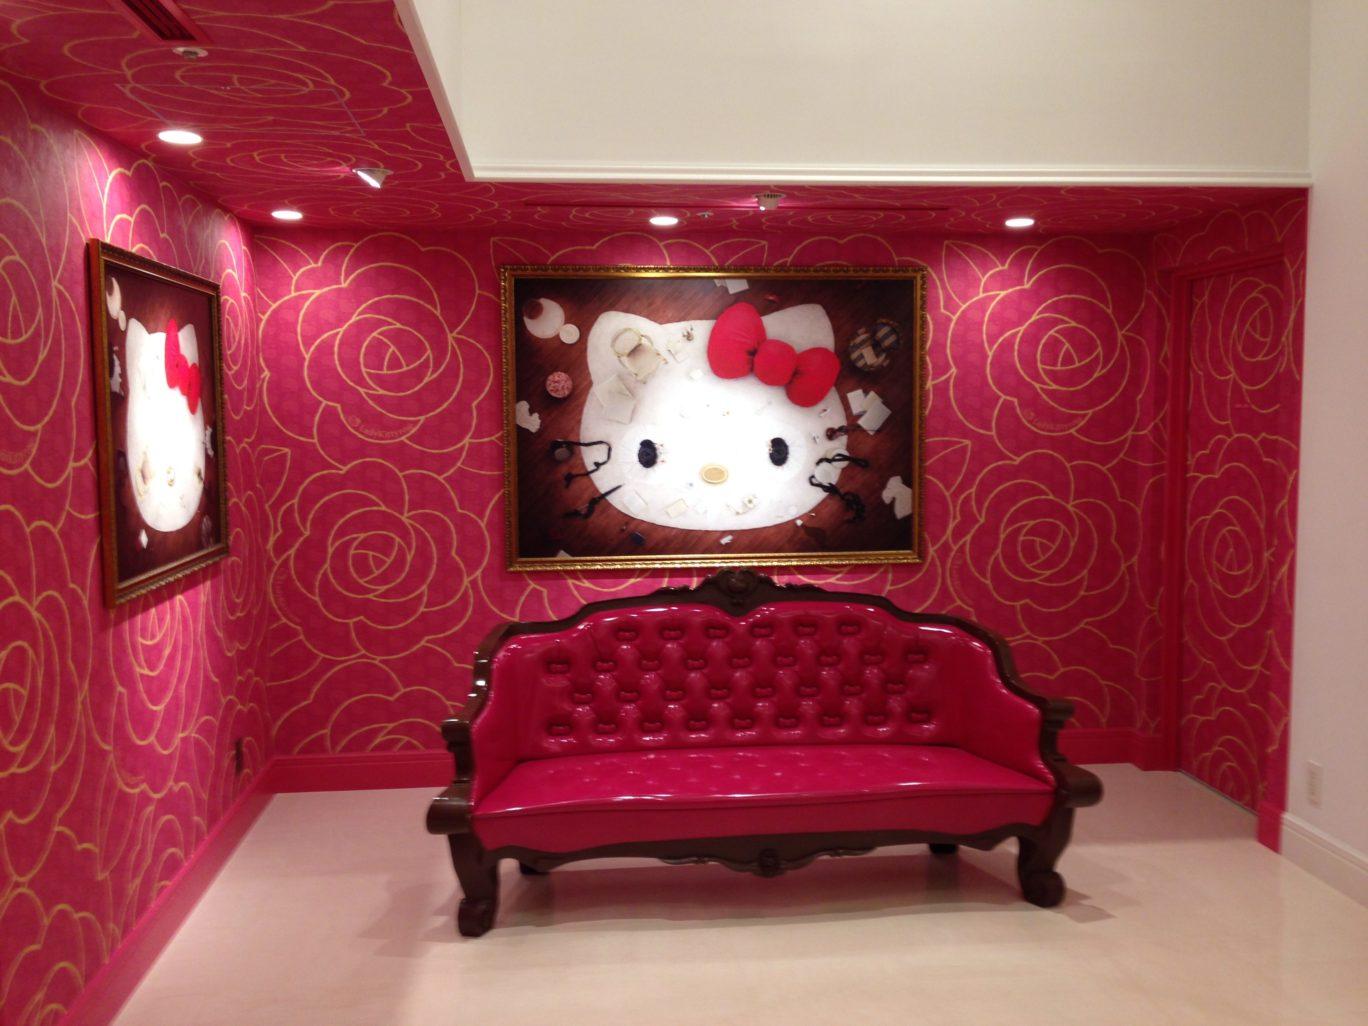 Sanrio Puroland Hello Kitty Sanrioland Sanrio Kawaii Tama Japan Tokyo